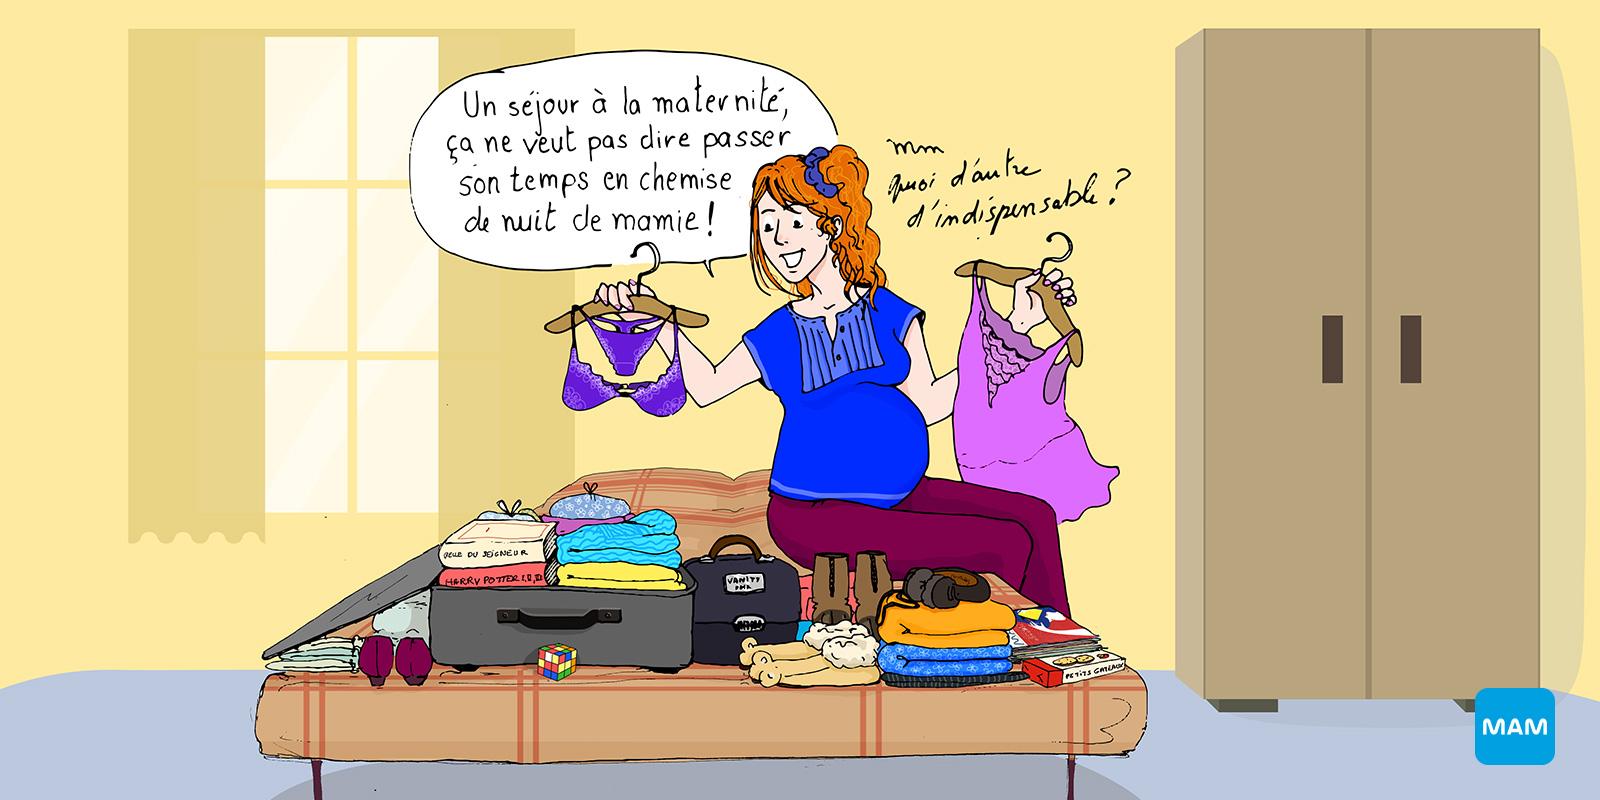 Valise de maternité - 3eme trimestre de grossesse - Bonjour Grossesse